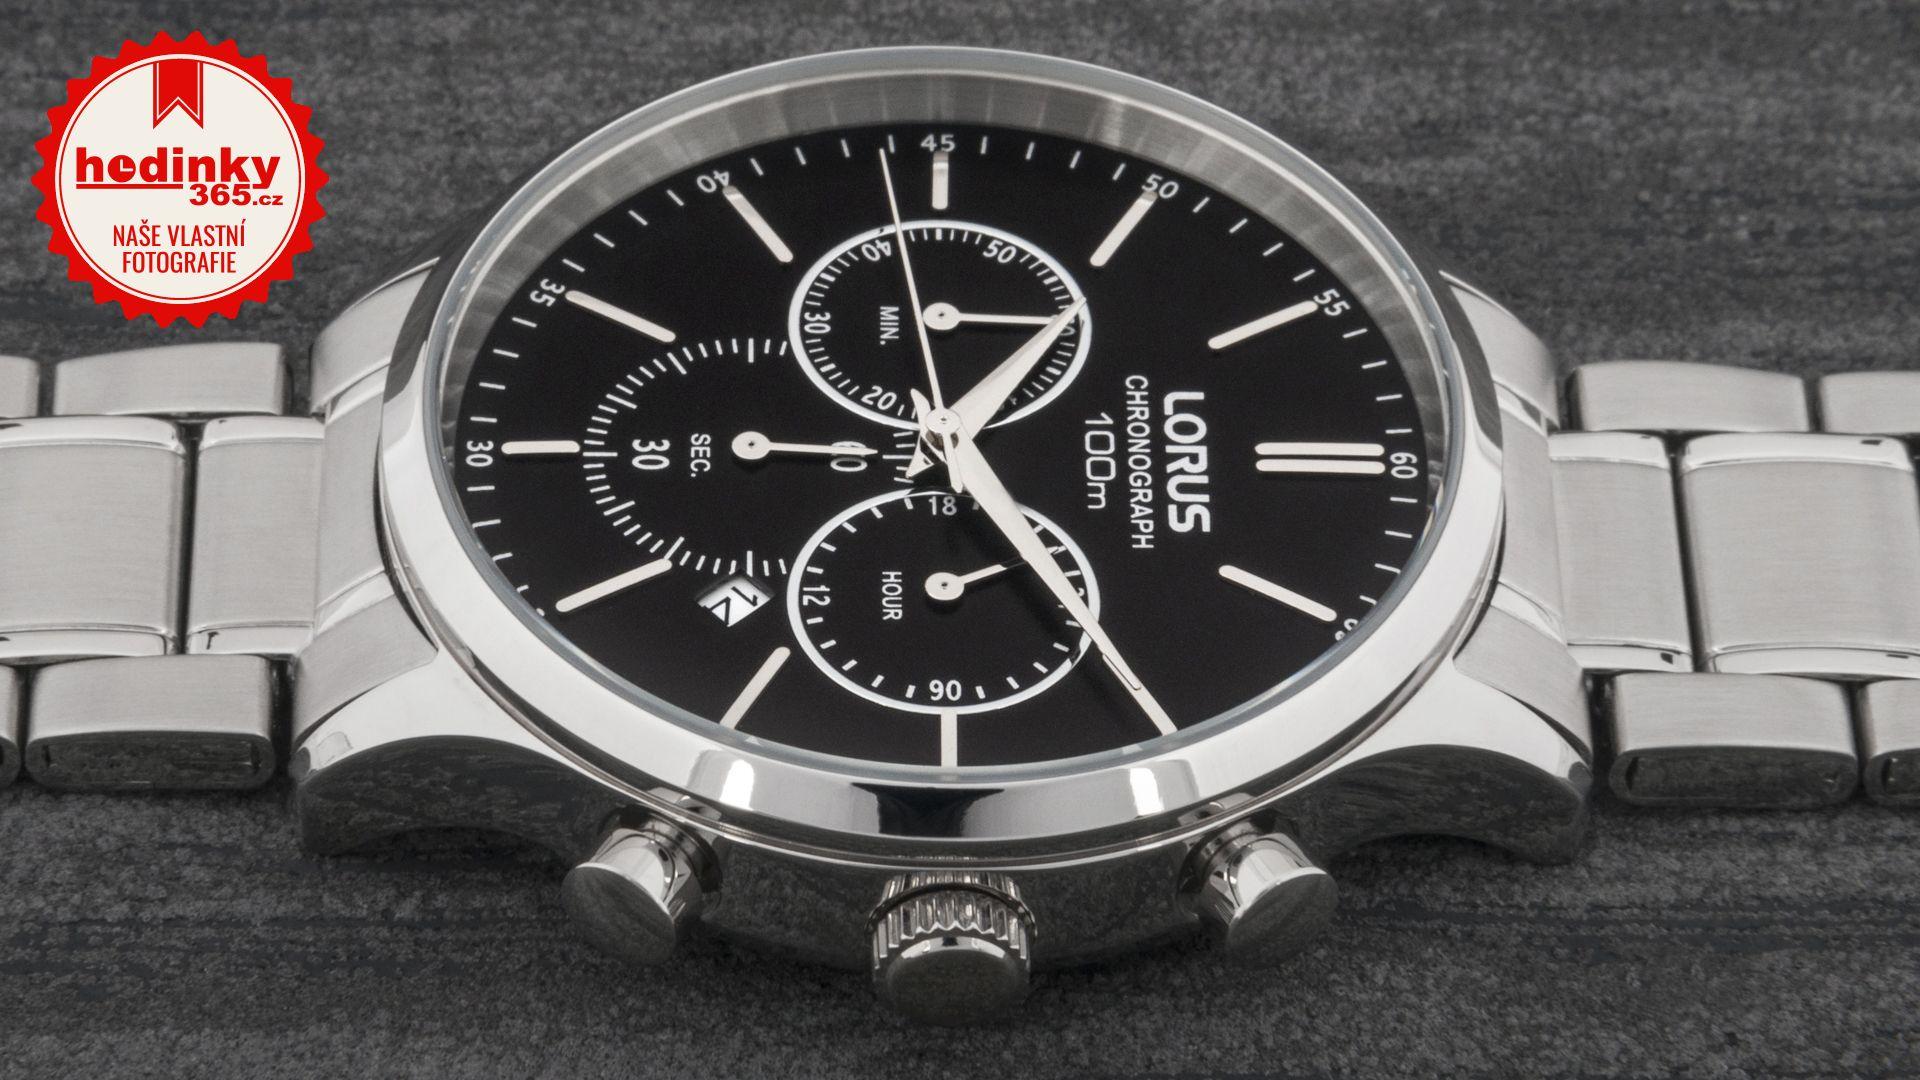 85c46c508 Pánske hodinky - ocelový remienok, ocel puzdro, minerálne sklíčko. Všetky  technické parametre nájdete nižšie